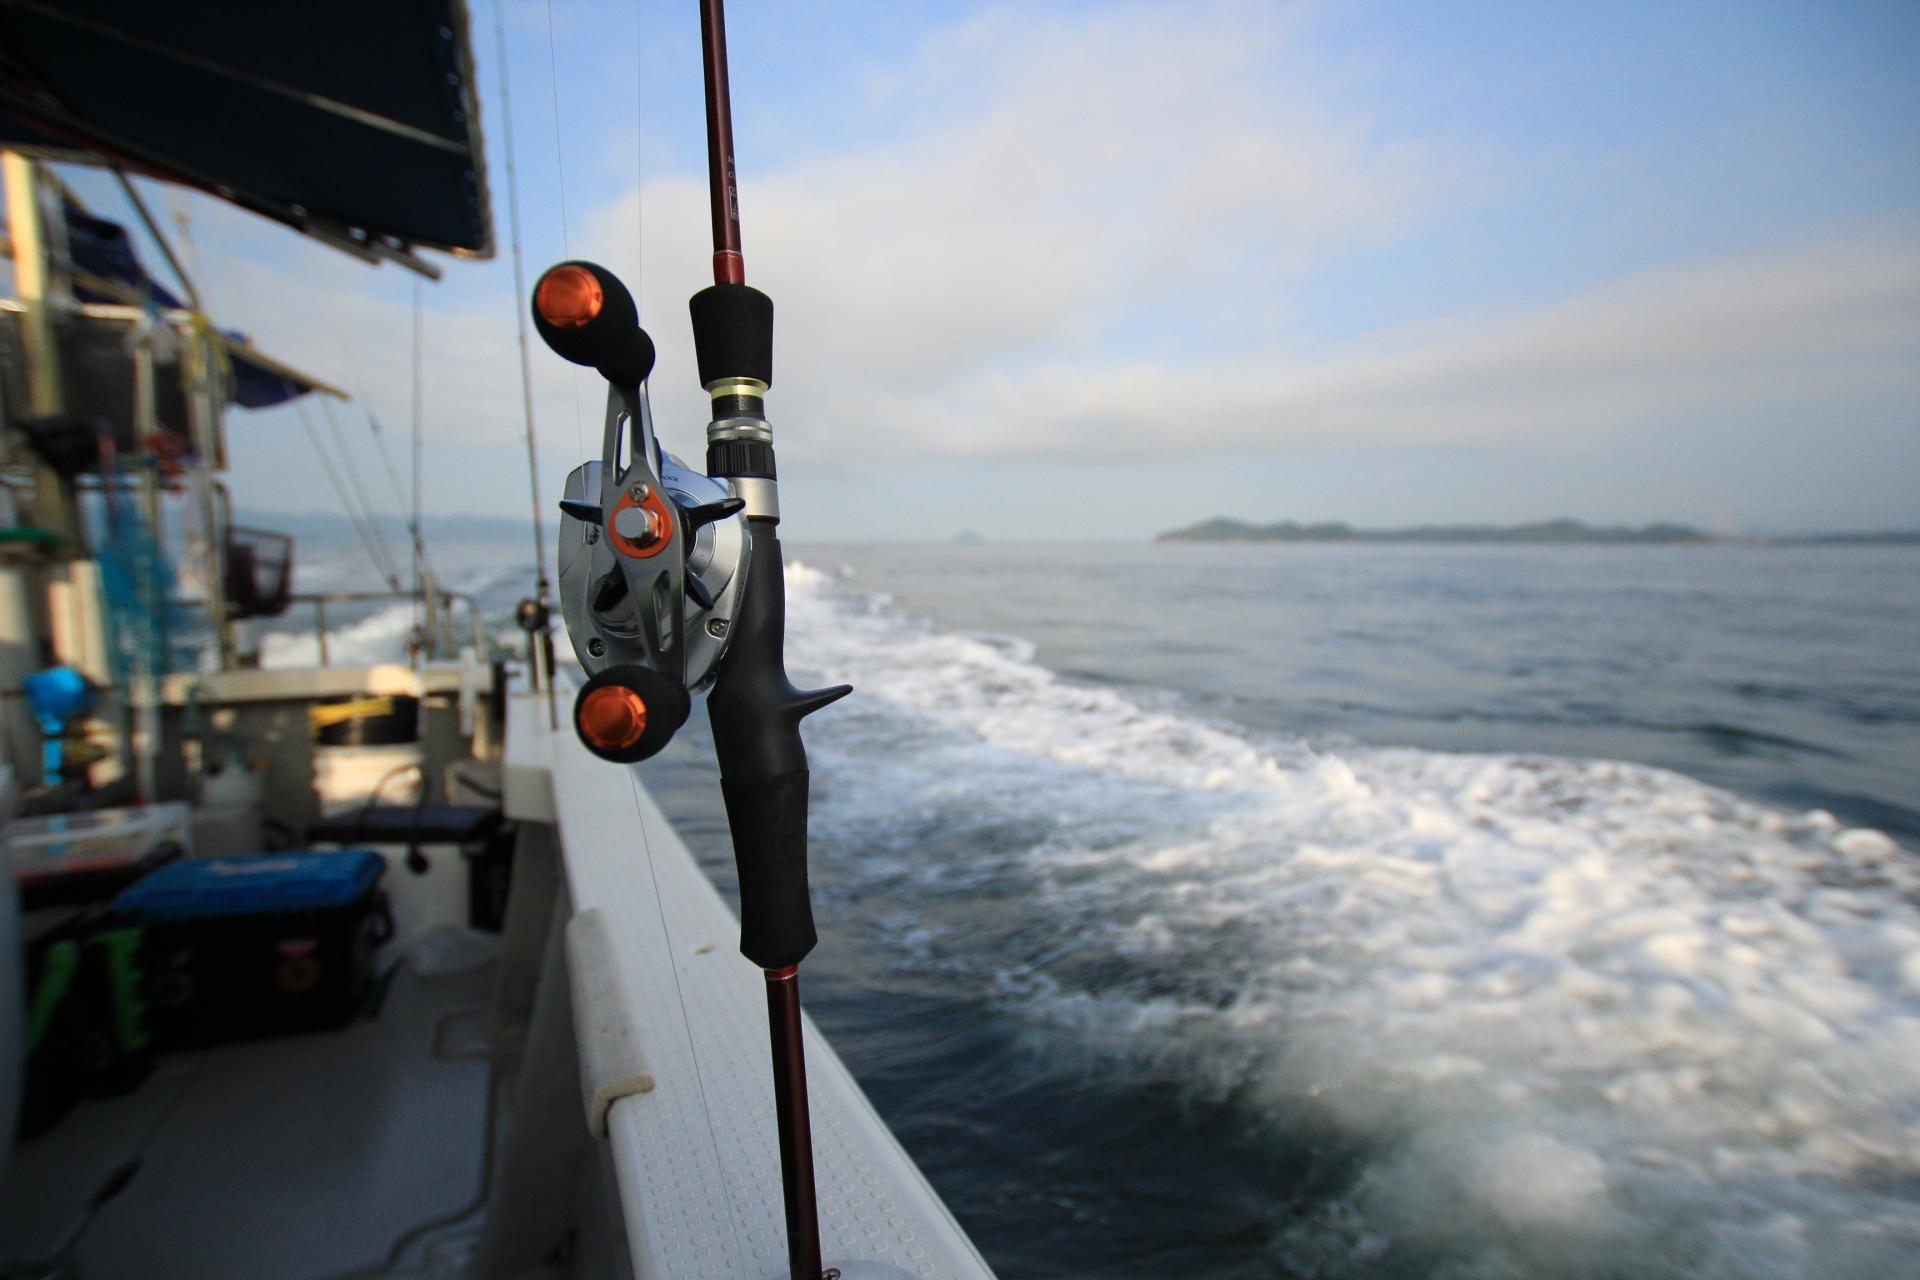 タイラバとは?釣り方のコツやおすすめの仕掛け・タックル・時期をご紹介